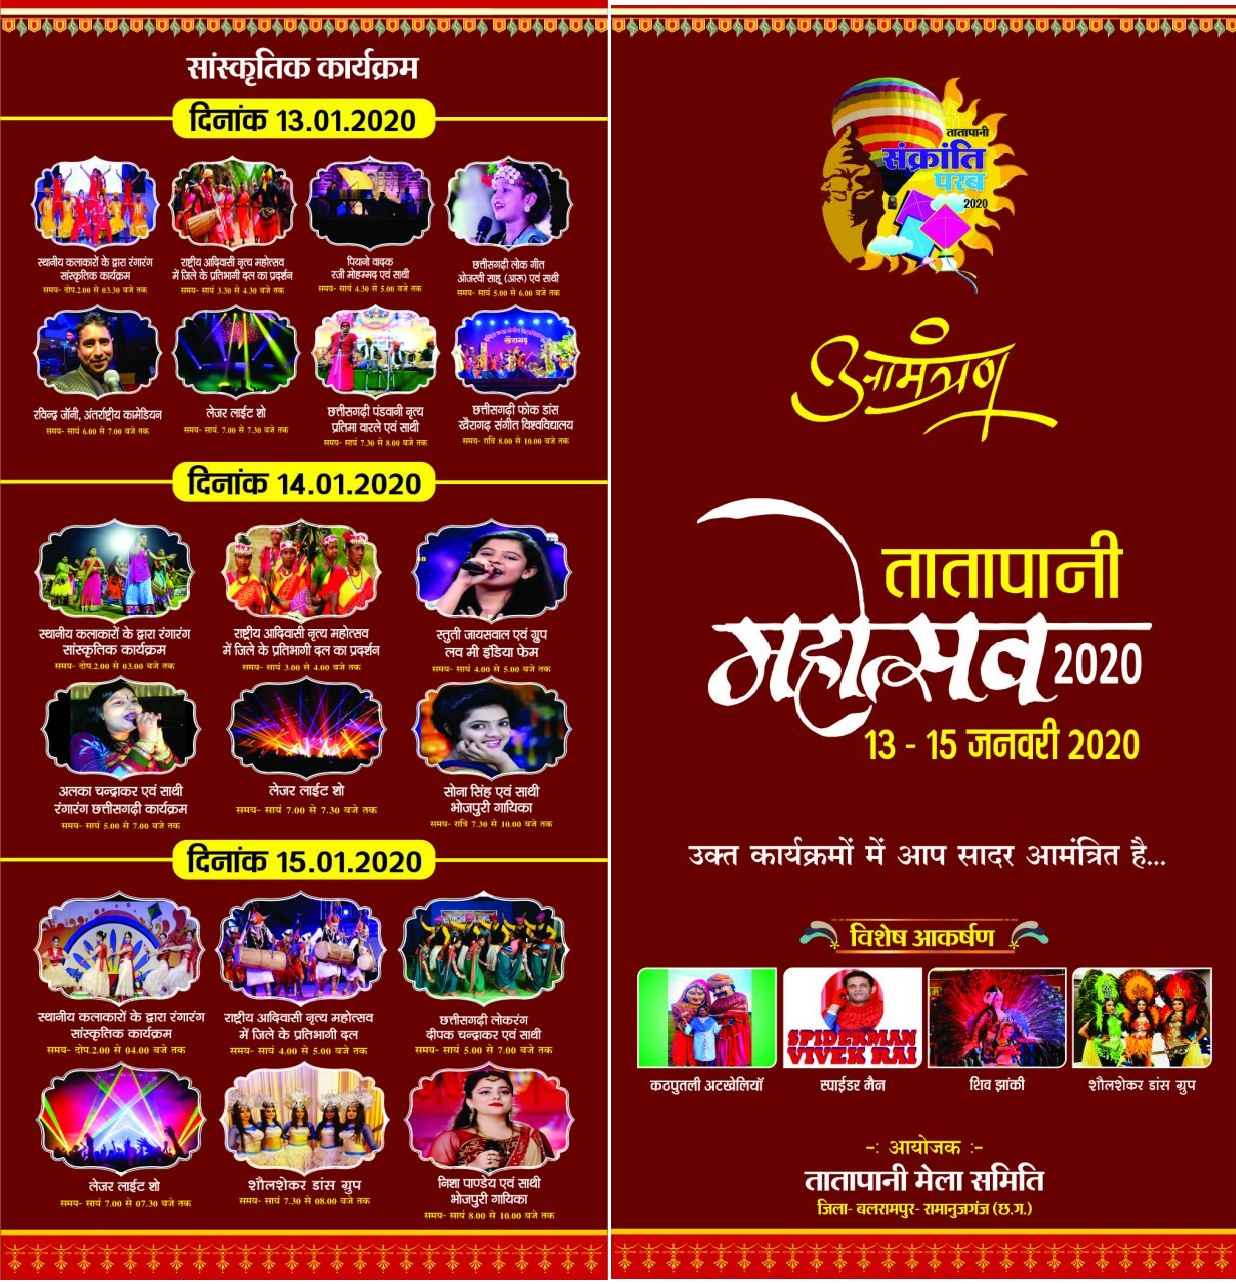 Tatapani Mahotsav-2020 इमेज image